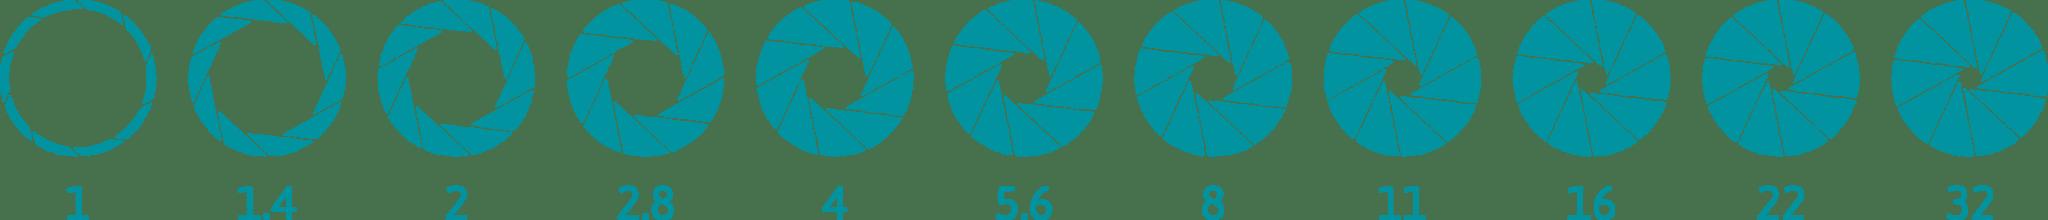 échelle de l'ouverture du diaphragme de f/1 à f/32